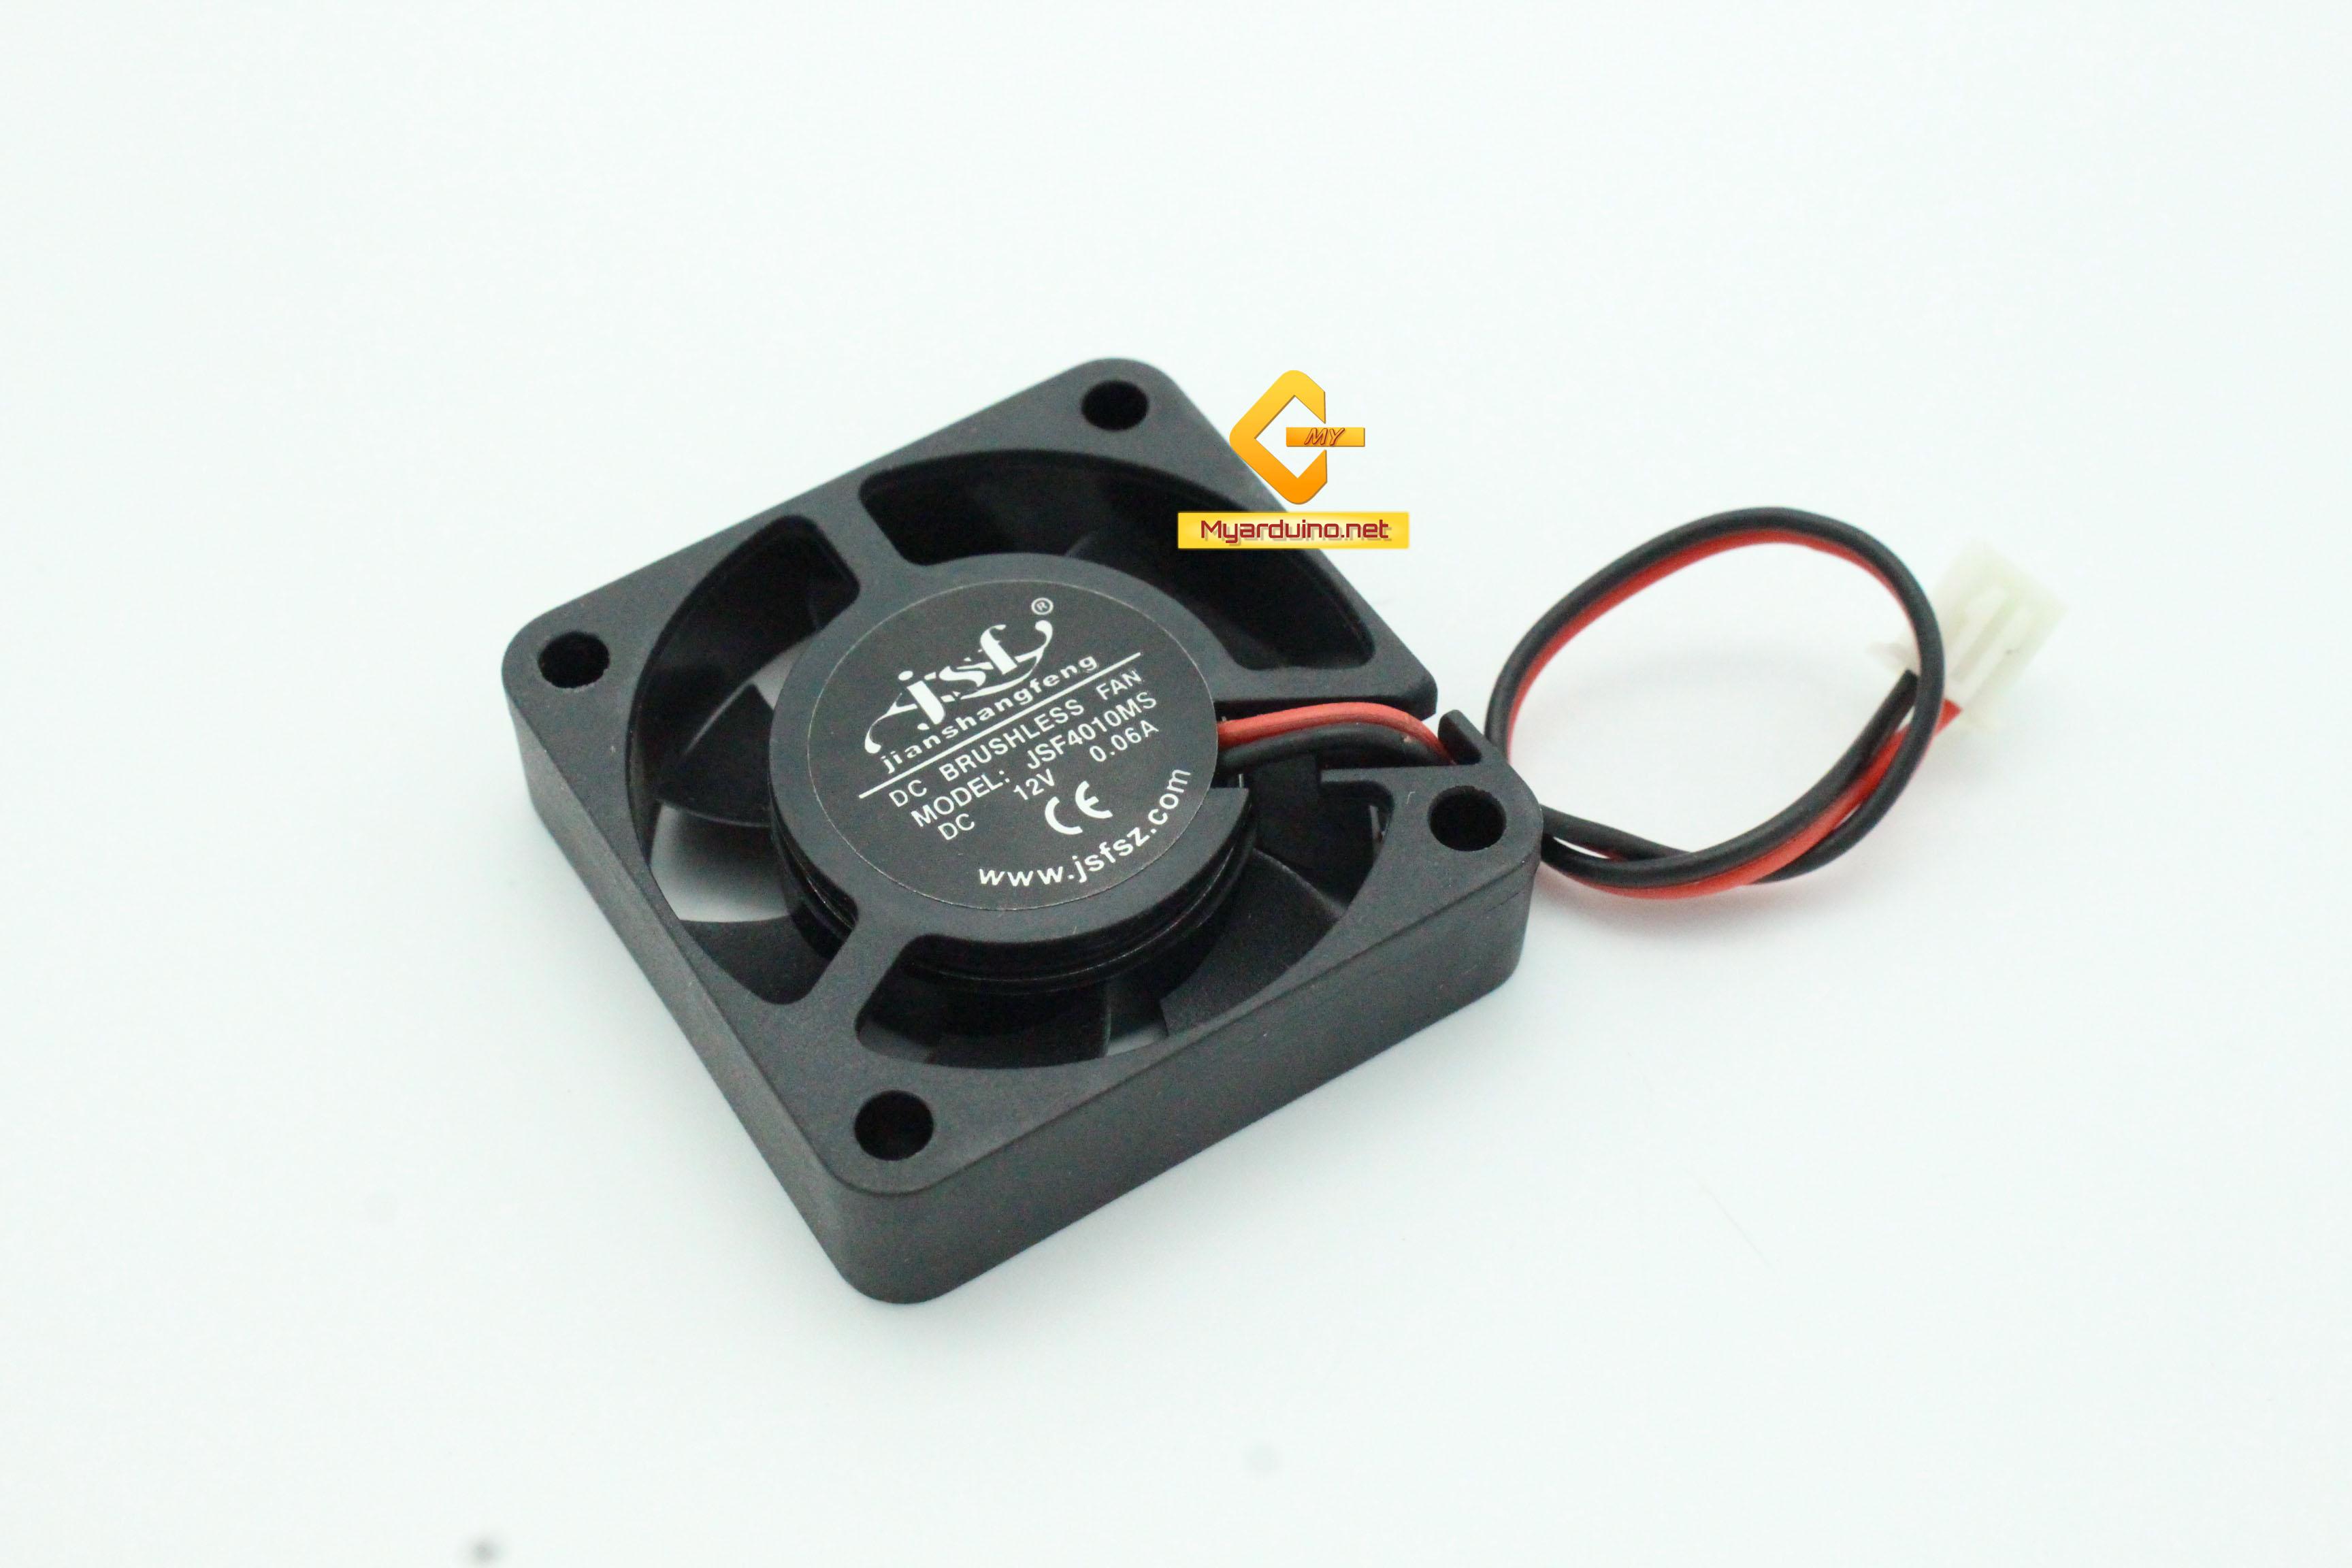 พัดลมระบายความร้อน 2สาย 4cm*4cm 12V